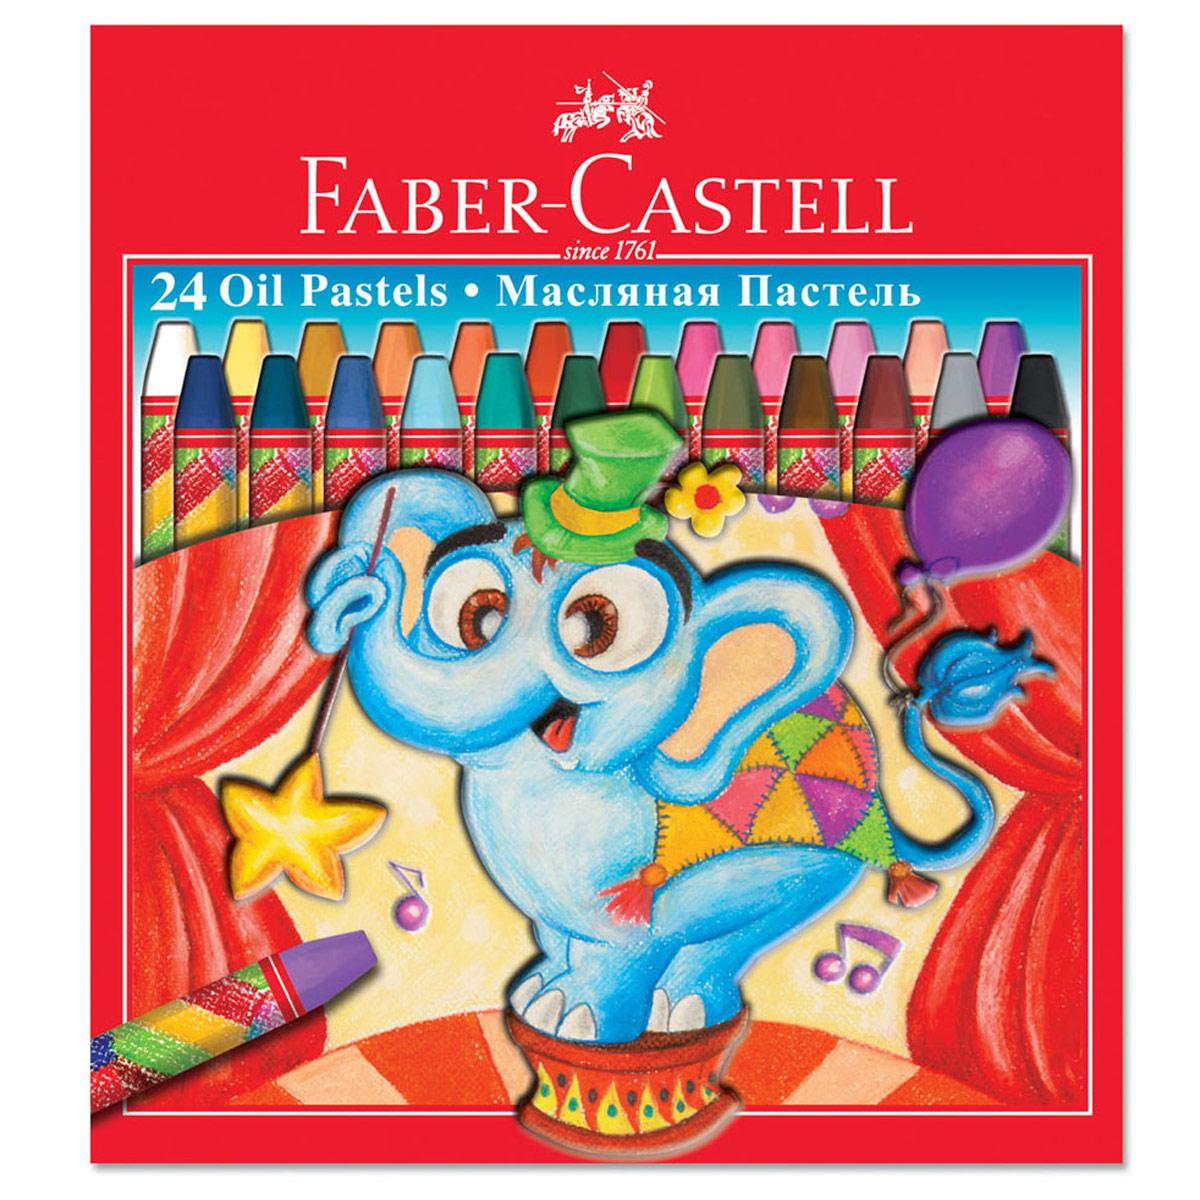 Масляная пастель Faber-Castell, 24 цвета125324Масляная пастель Faber-Castell включает в себя 24 мелка насыщенных цветов.Пастель отличается высоким качеством и впечатляюще яркими цветами. Она обеспечит комфортное и мягкое рисования. Благодаря однородной консистенции пастель не крошится. Превосходно ложится на бумагу, картон, дерево и камень, устойчива к температуре. Цвета можно смешивать для получения новых оттенков.Масляная пастель Faber-Castell, безопасная для малыша, позволит вашему маленькому художнику раскрыть свой талант. Подарите своему ребенку радость творчества!